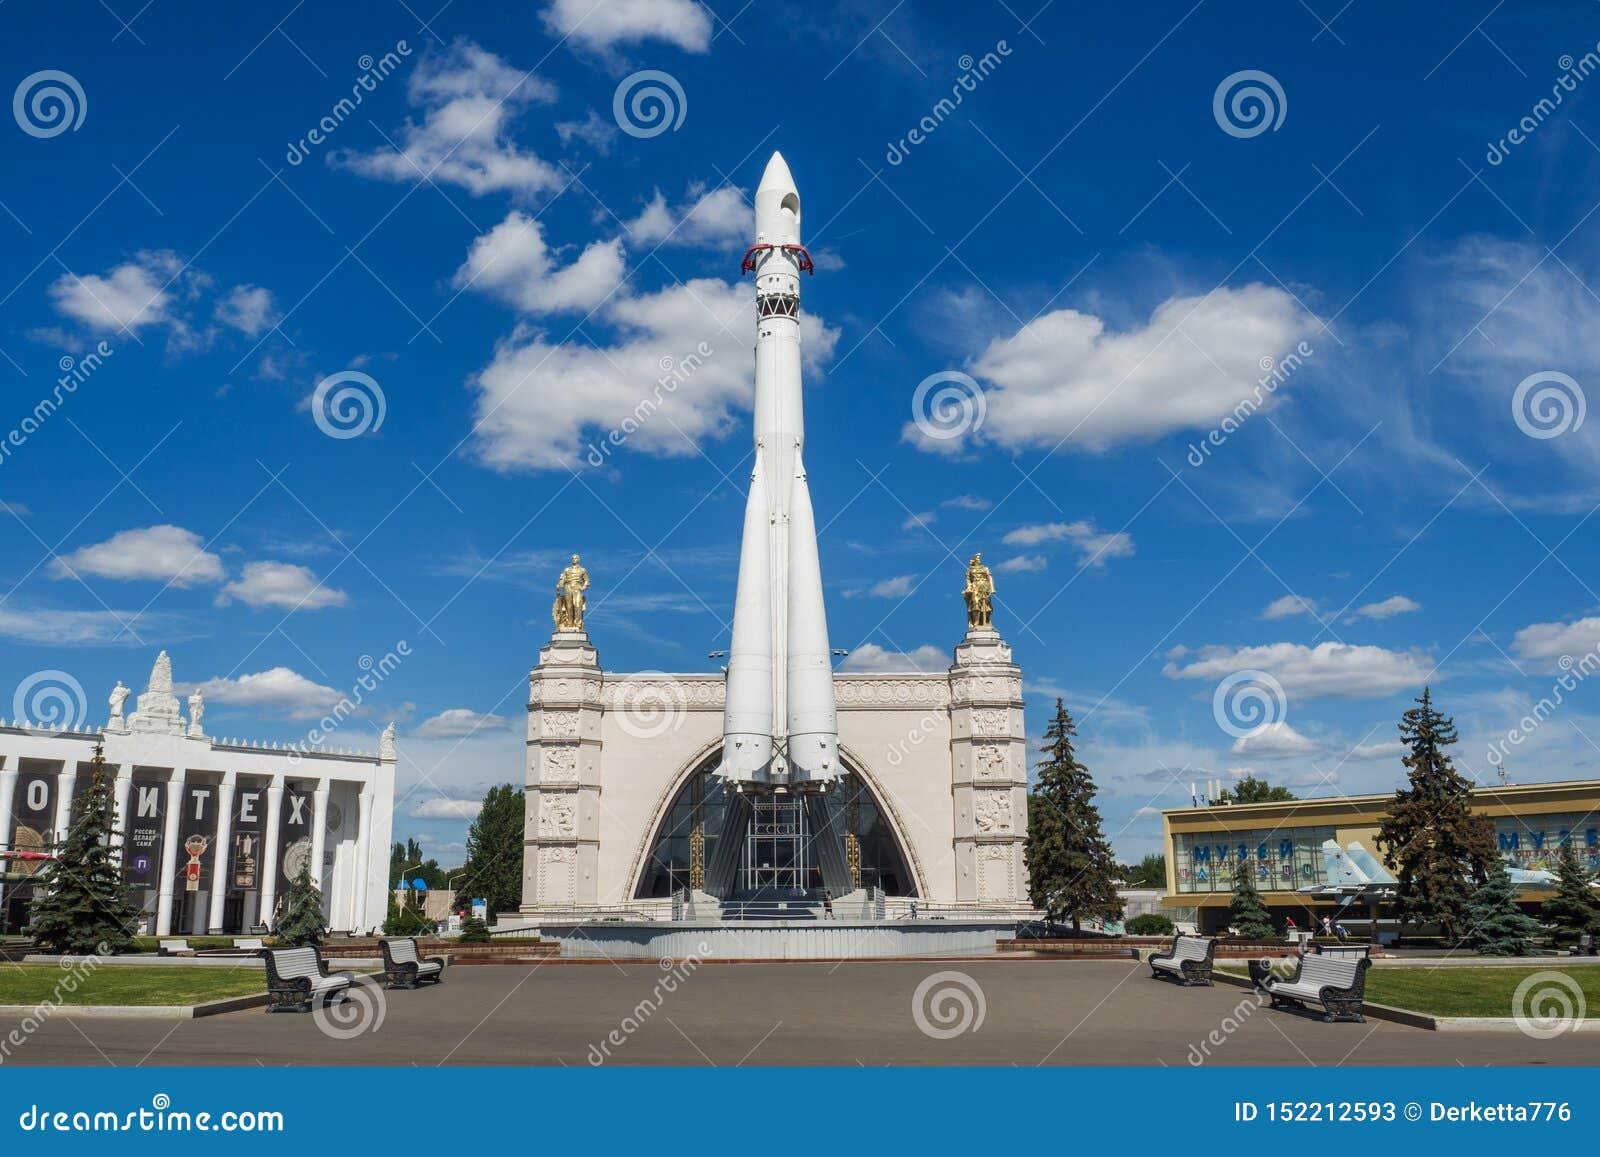 Moscou, Russie - 24 juin 2019 : Vaisseau spatial russe Vostok 1, monument de la première fusée soviétique à VDNH l astronautique